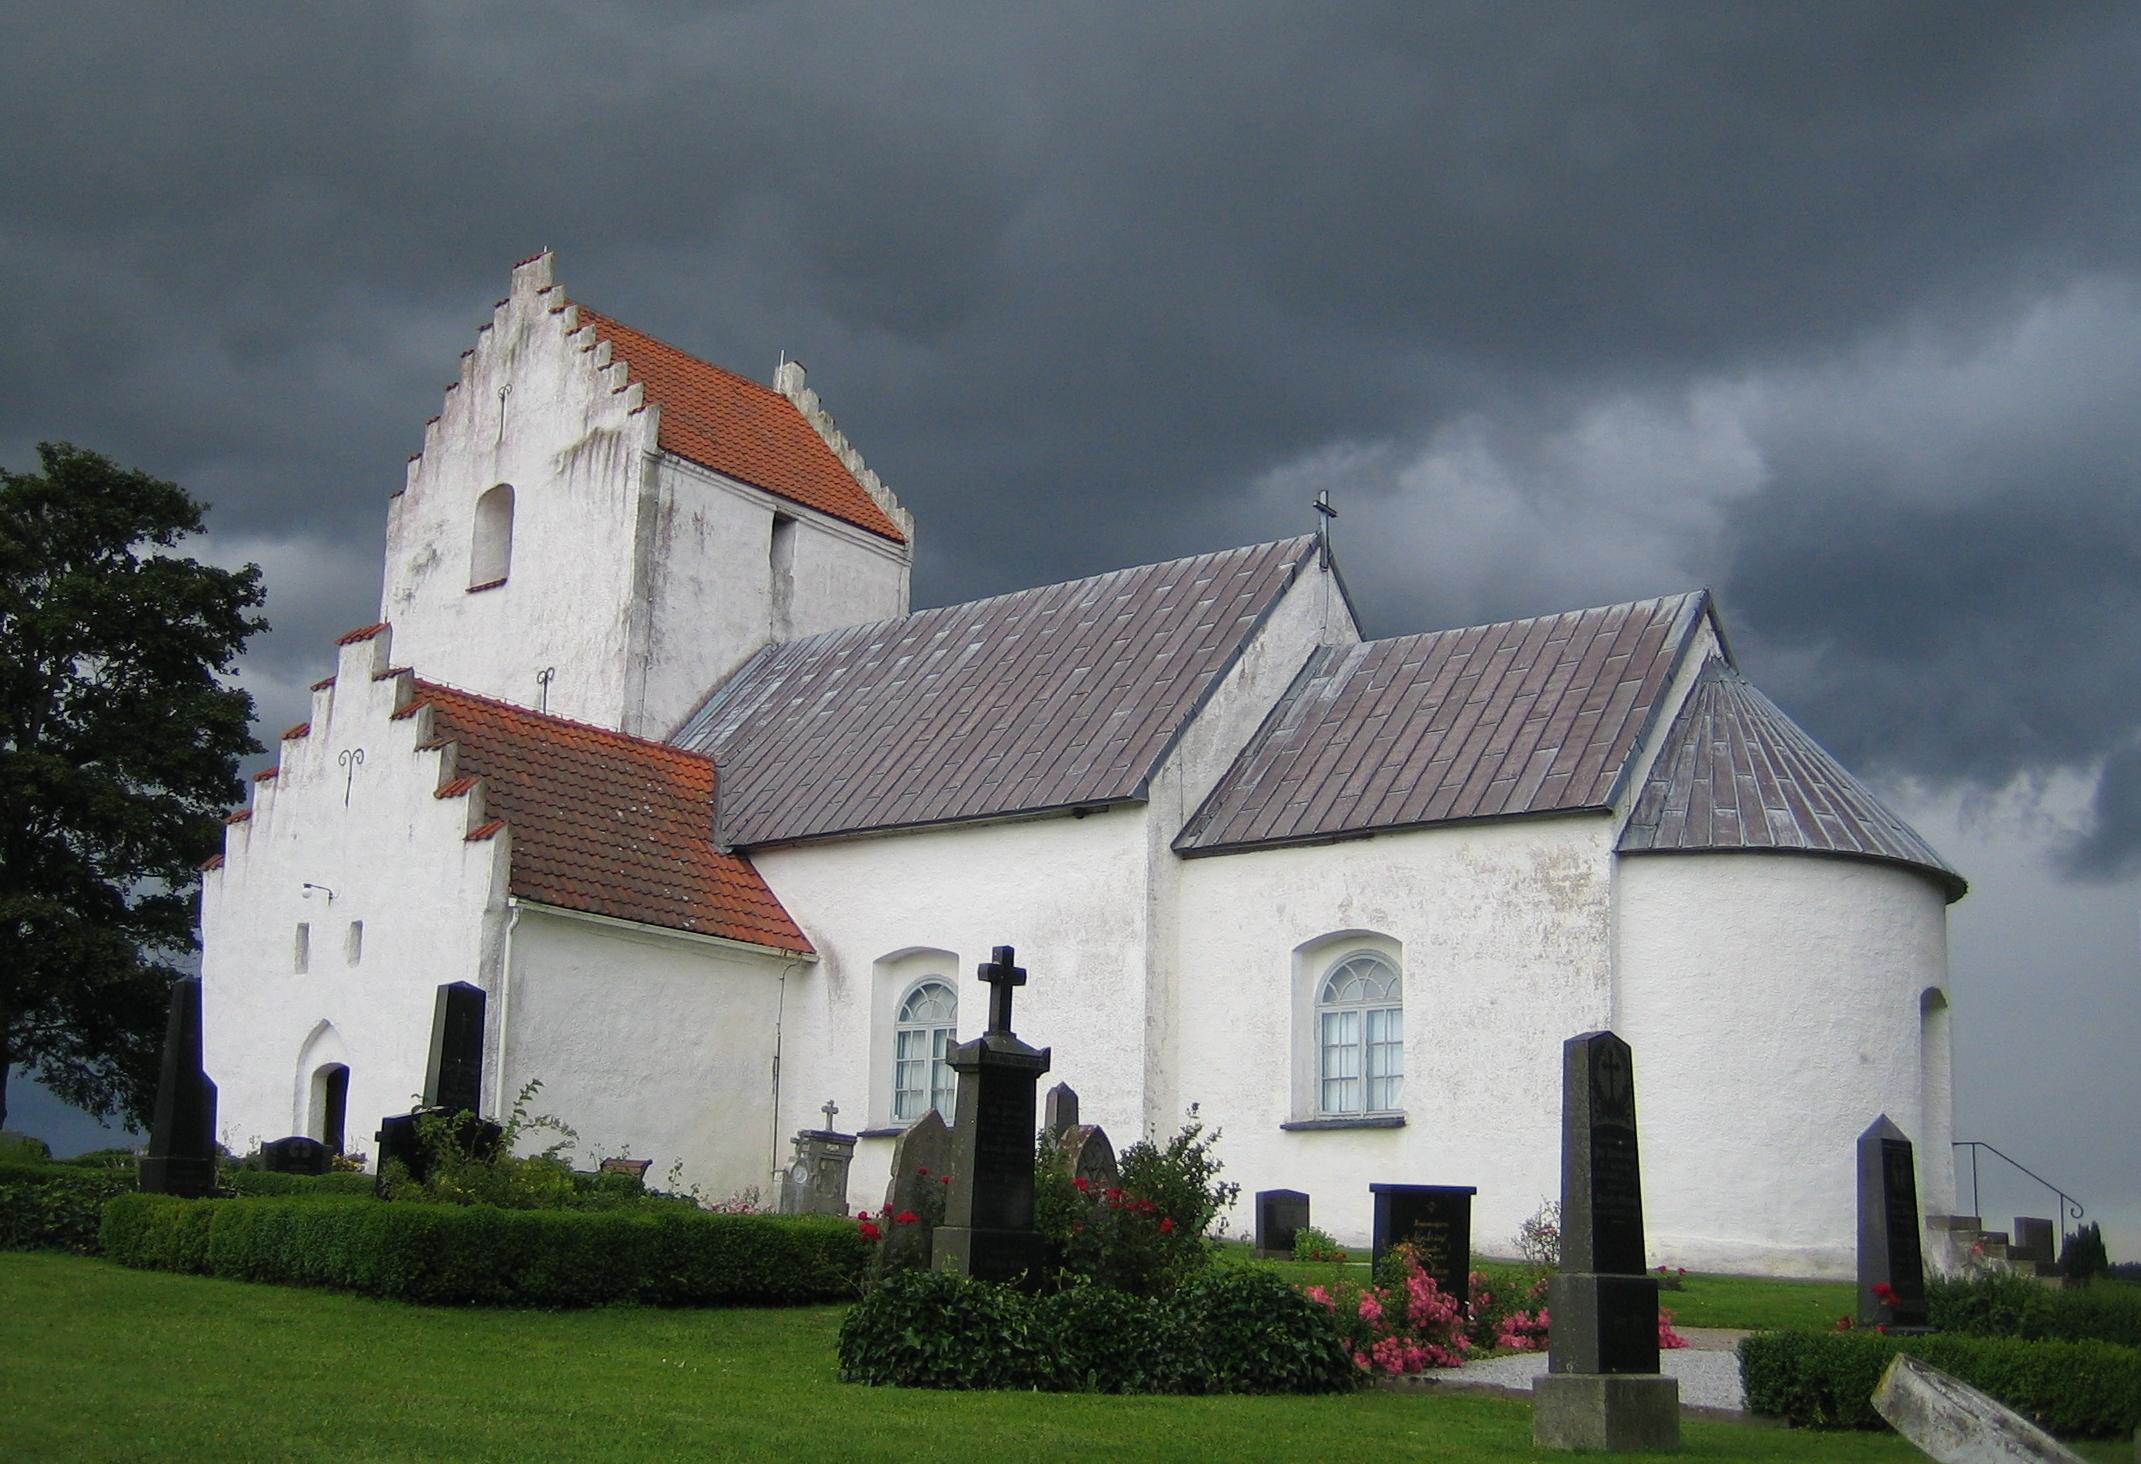 Bild av Ravlunda kyrka. Foto: Jorchr / GFDL